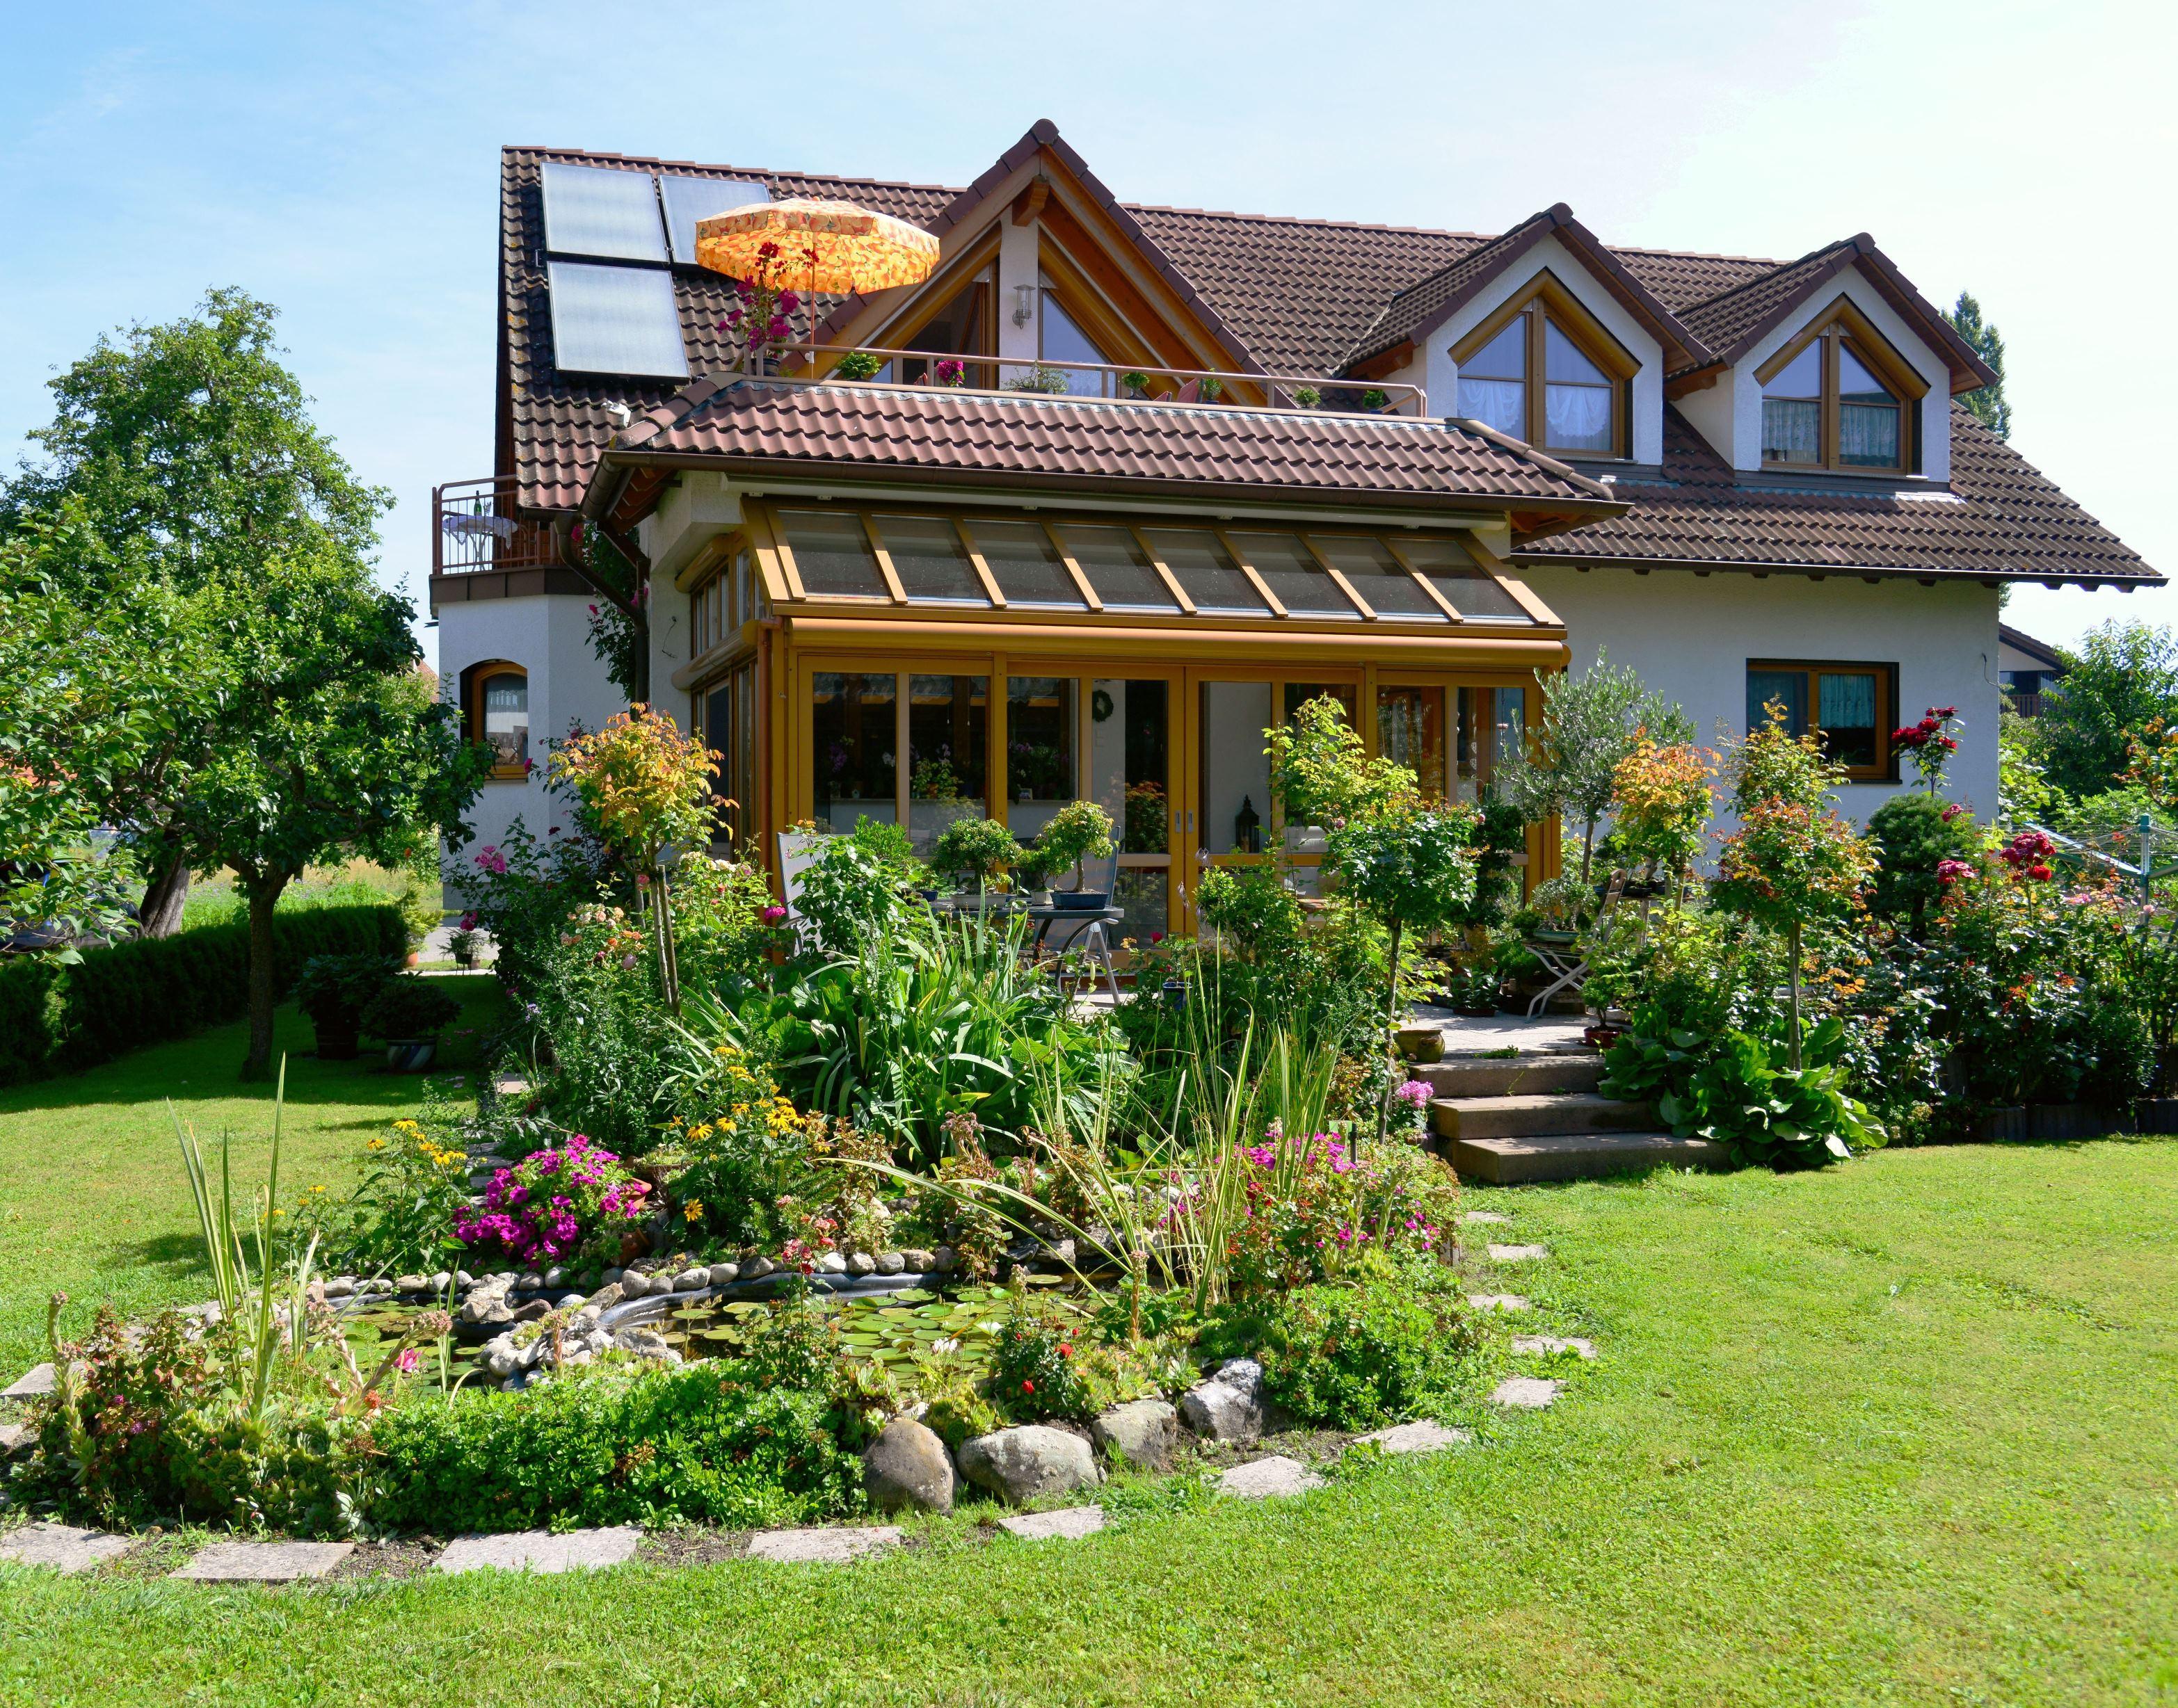 Ferienwohnung Haus Glas_Front_Home